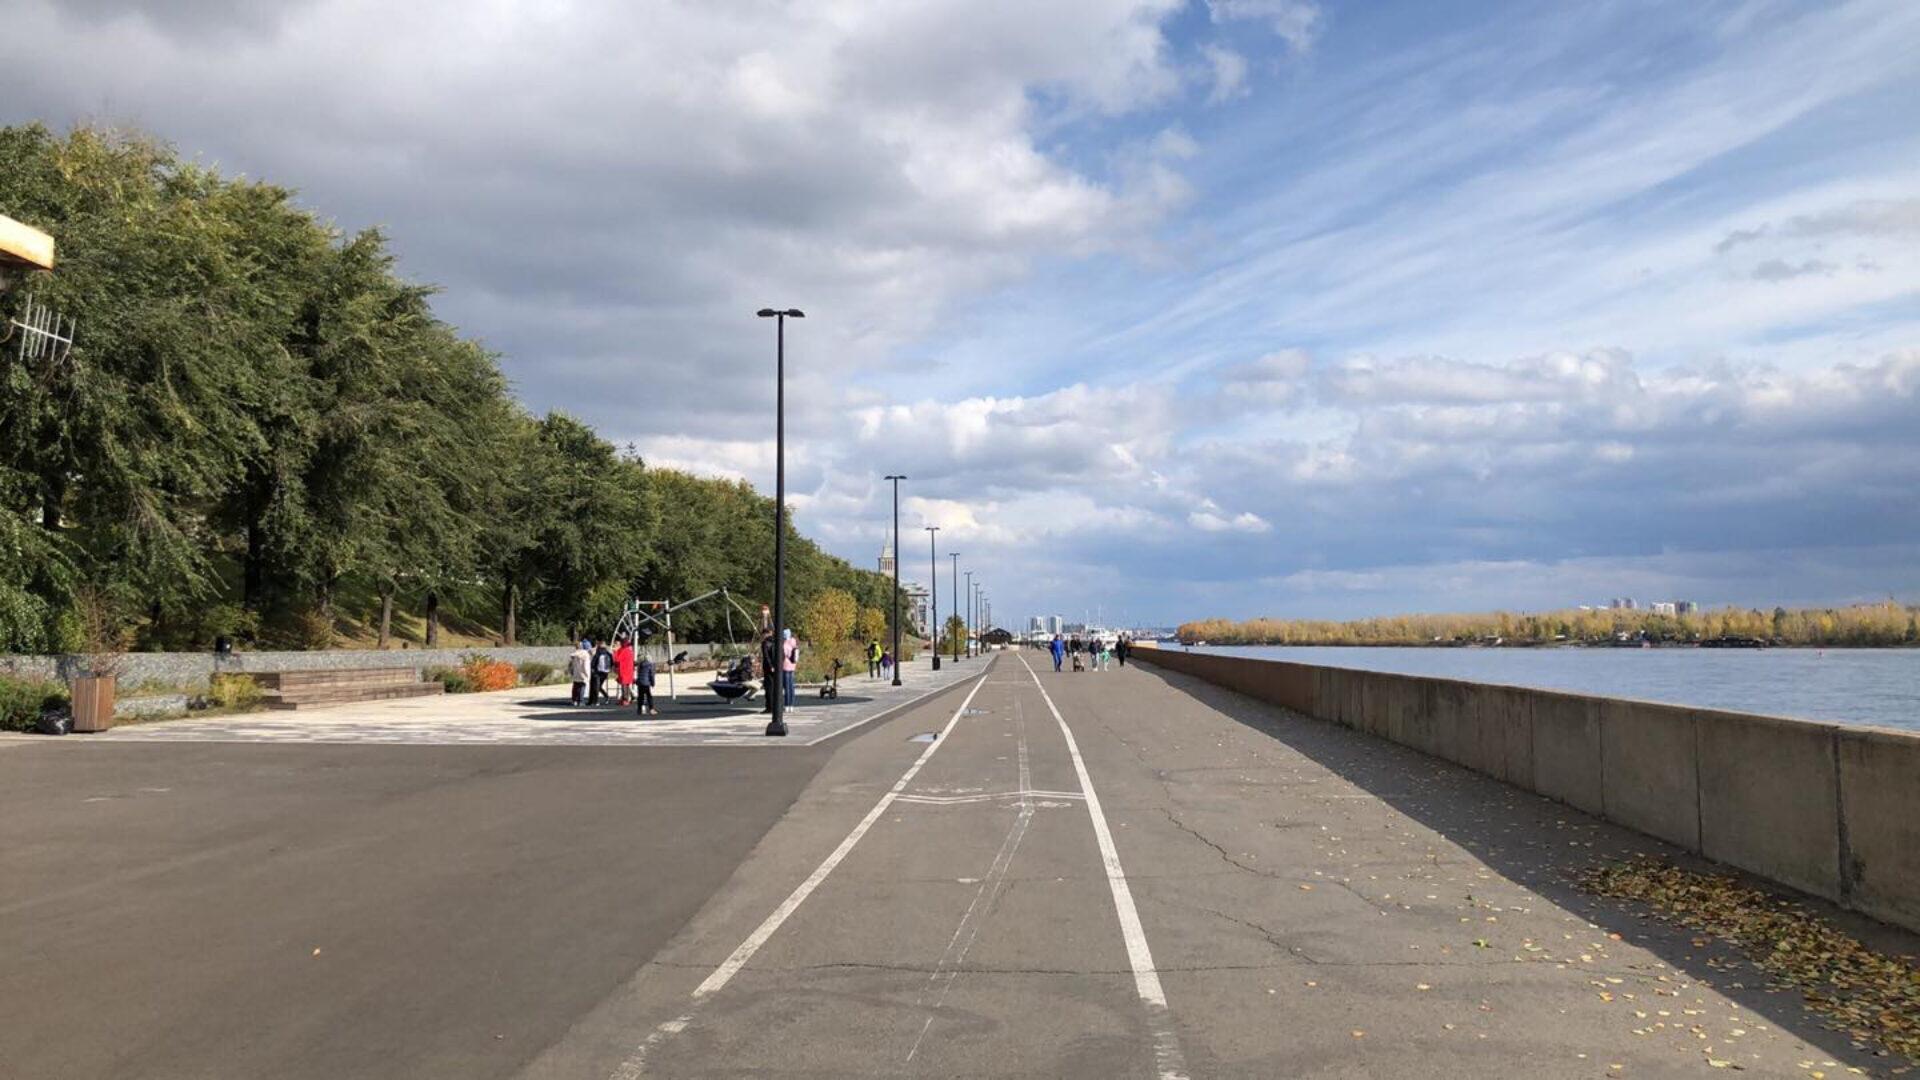 Прогулка понабережной реки Енисей вКрасноярске